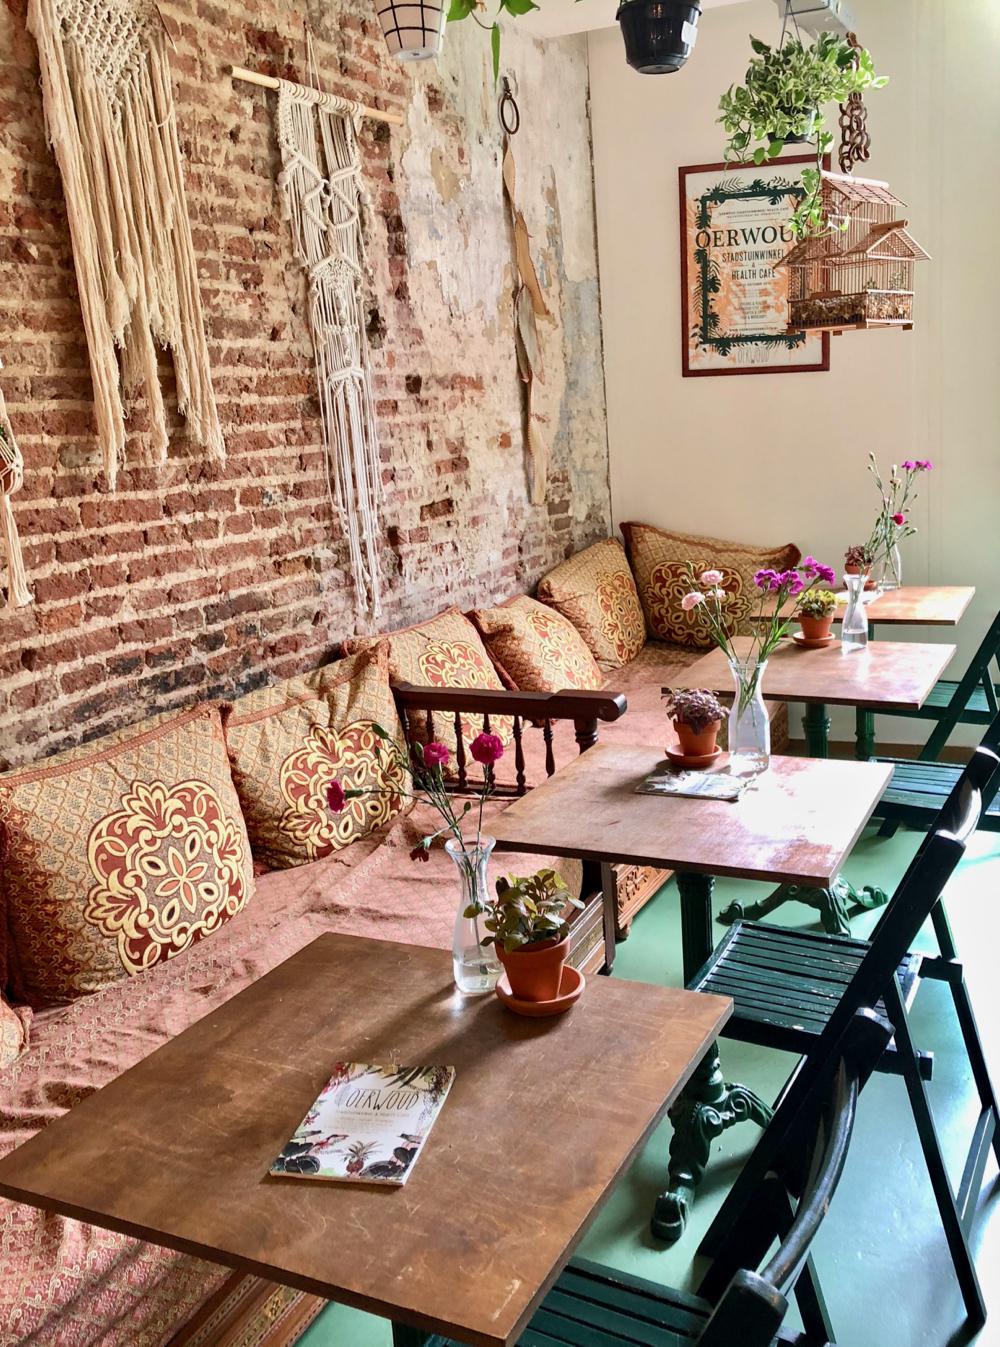 Cafe Oerwoud met een lange bank langs de wand, tafeltjes en stoeltjes en een ruwe stenen muur